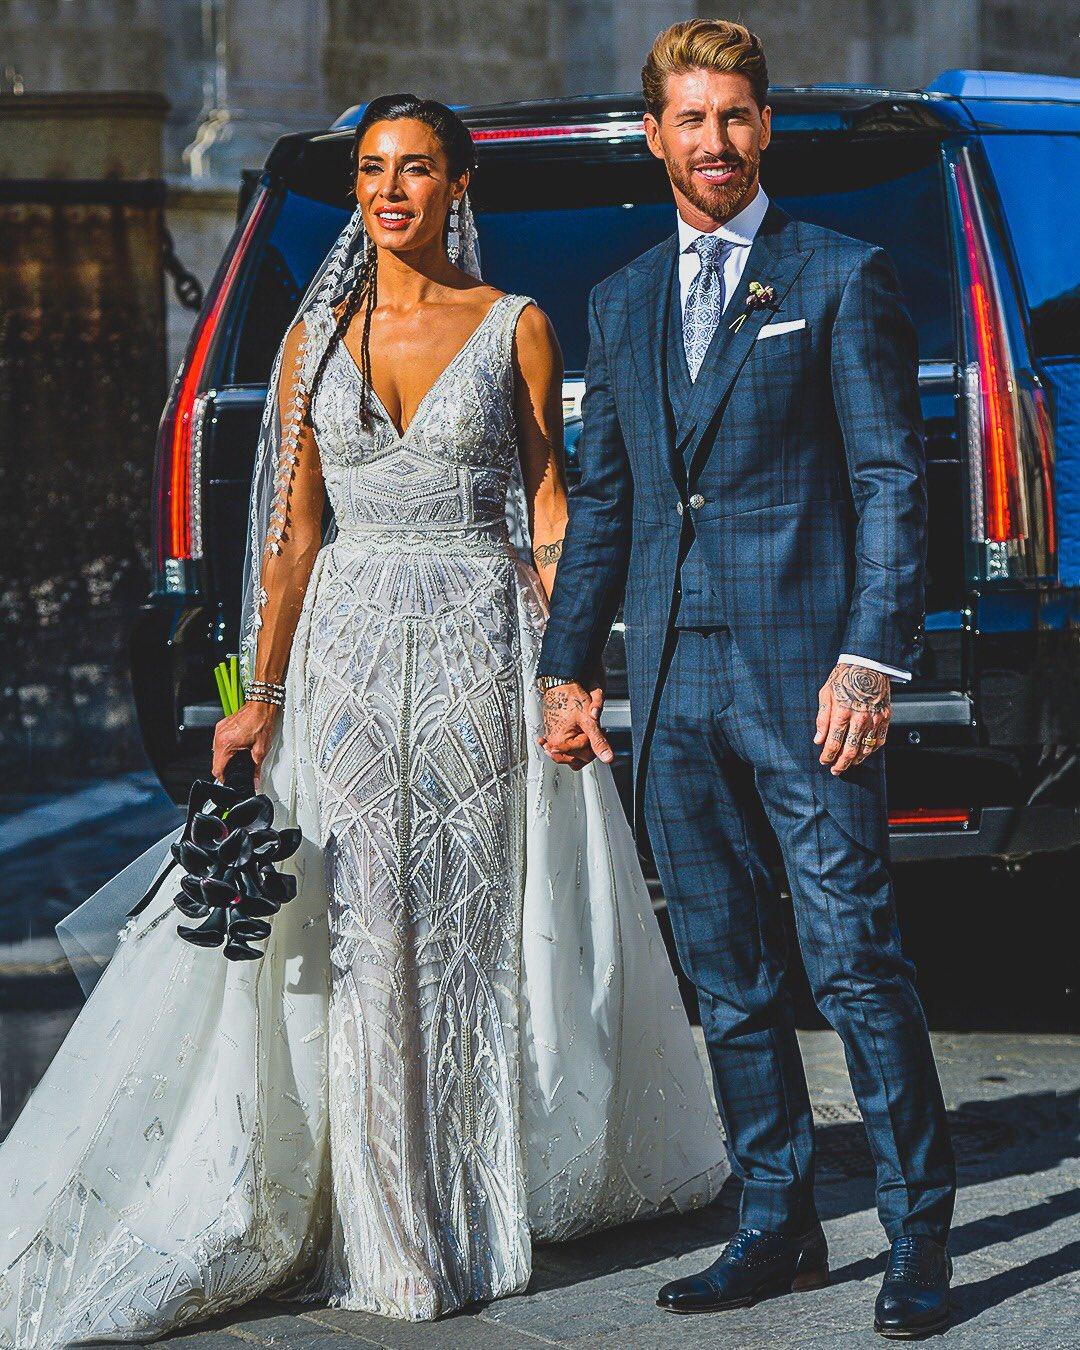 【球色怡人】拉莫斯大婚 新娘皮拉爾身材窈窕藍眸性感動人